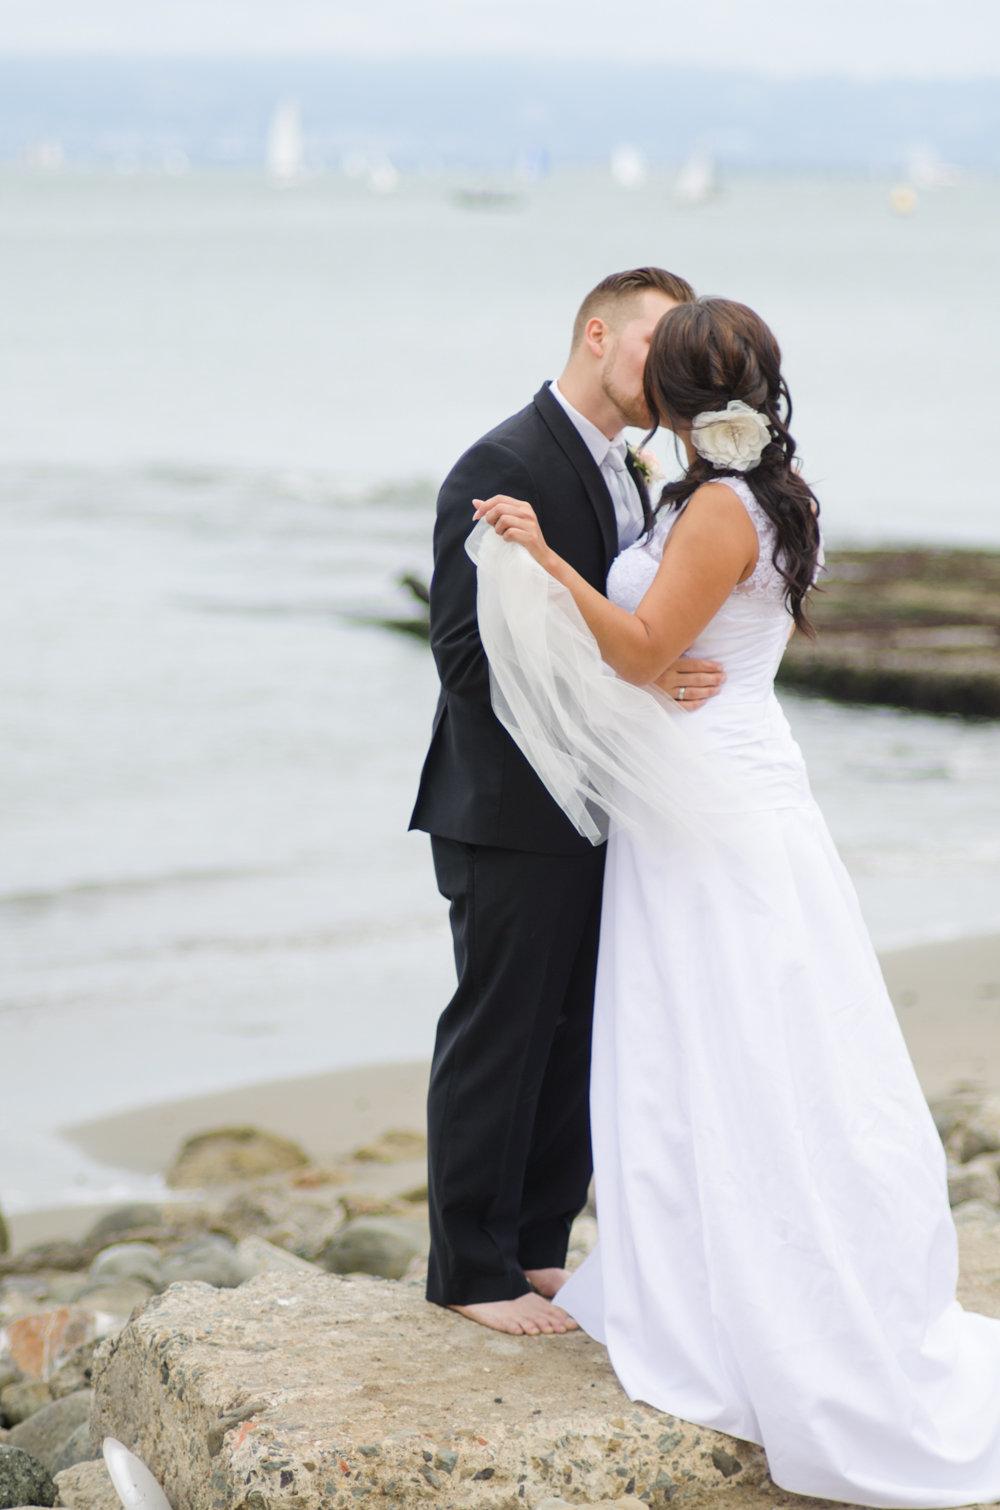 Albert Melisa Wedding-Albert Melisa Wedding by www ysabellajones com-0156.jpg